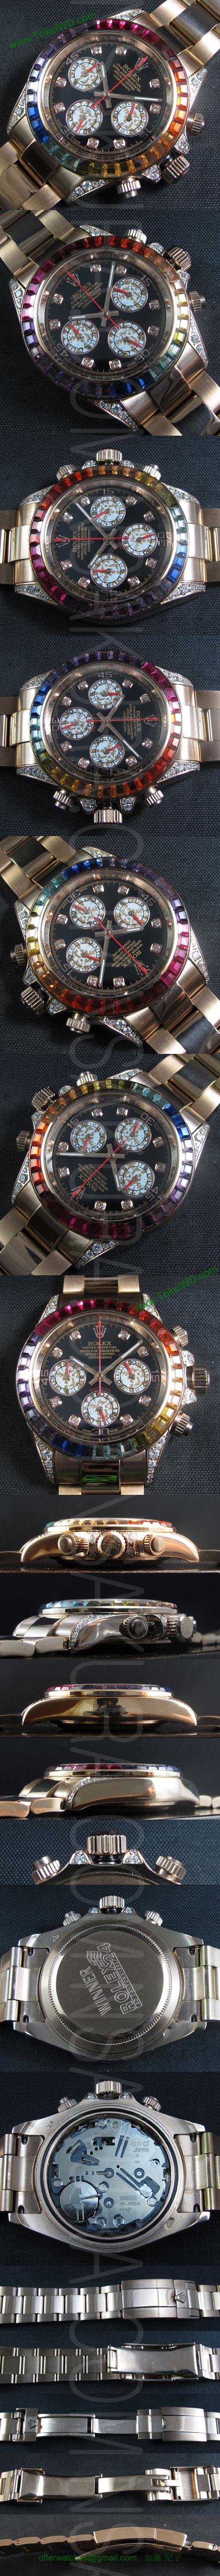 ロレックス 20140225104210 コピー 時計